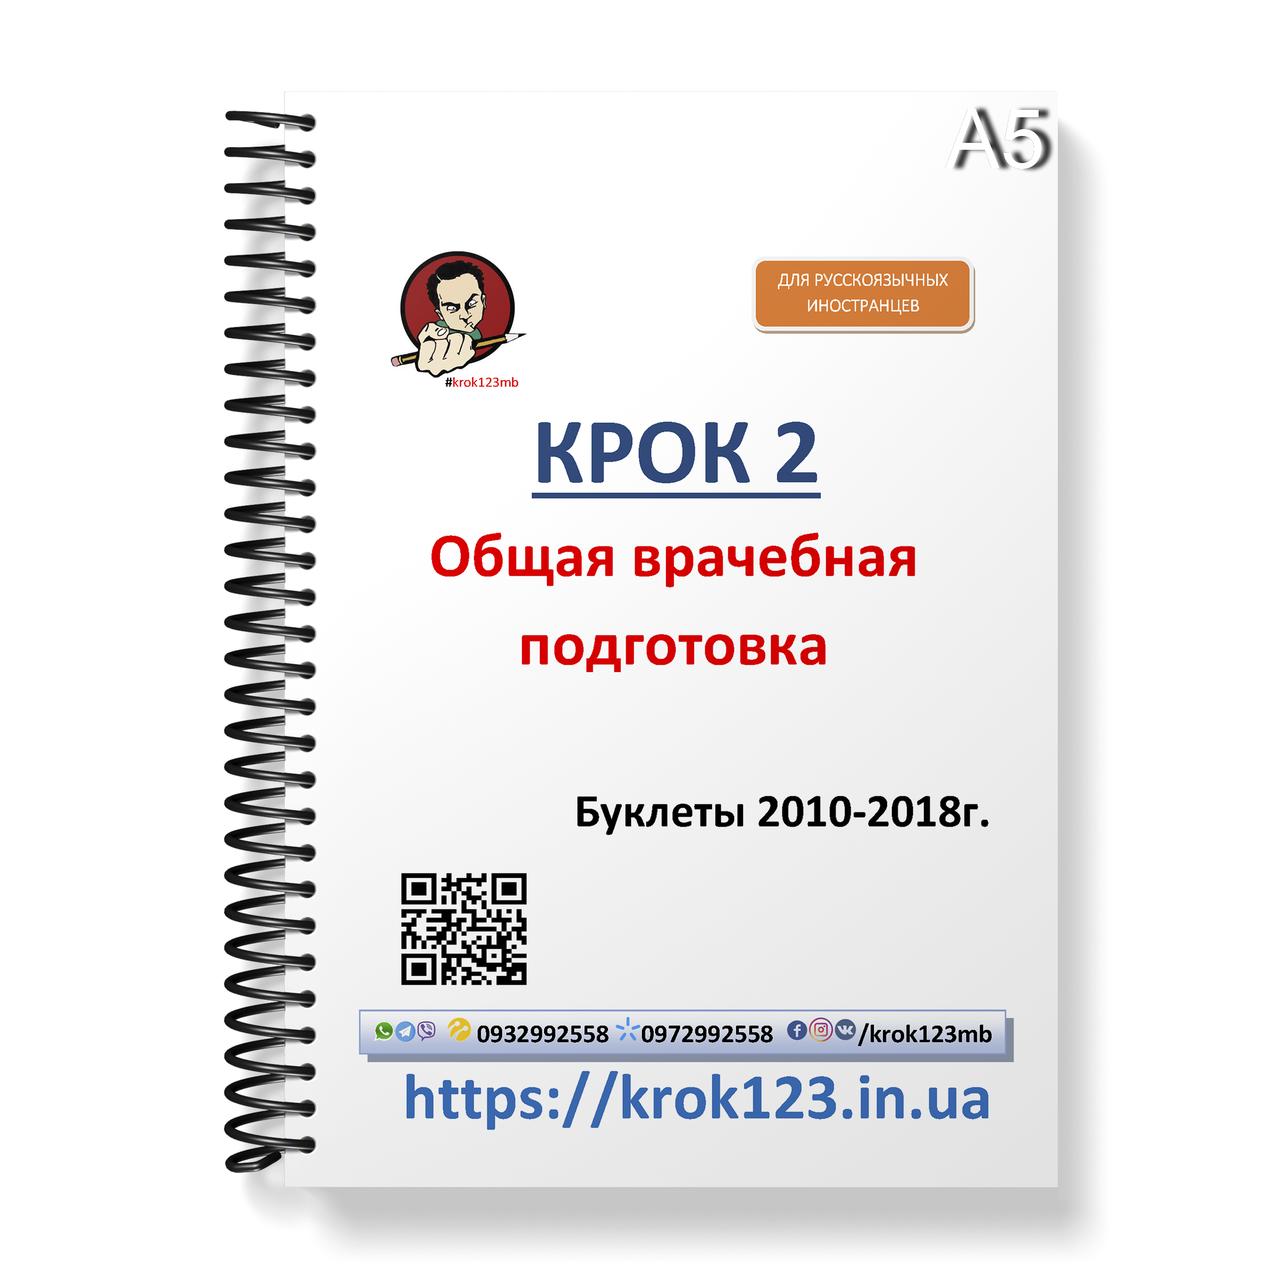 Крок 2. Загальна лікарська підготовка. Буклети 2010-2018 роки. Для іноземців російськомовних